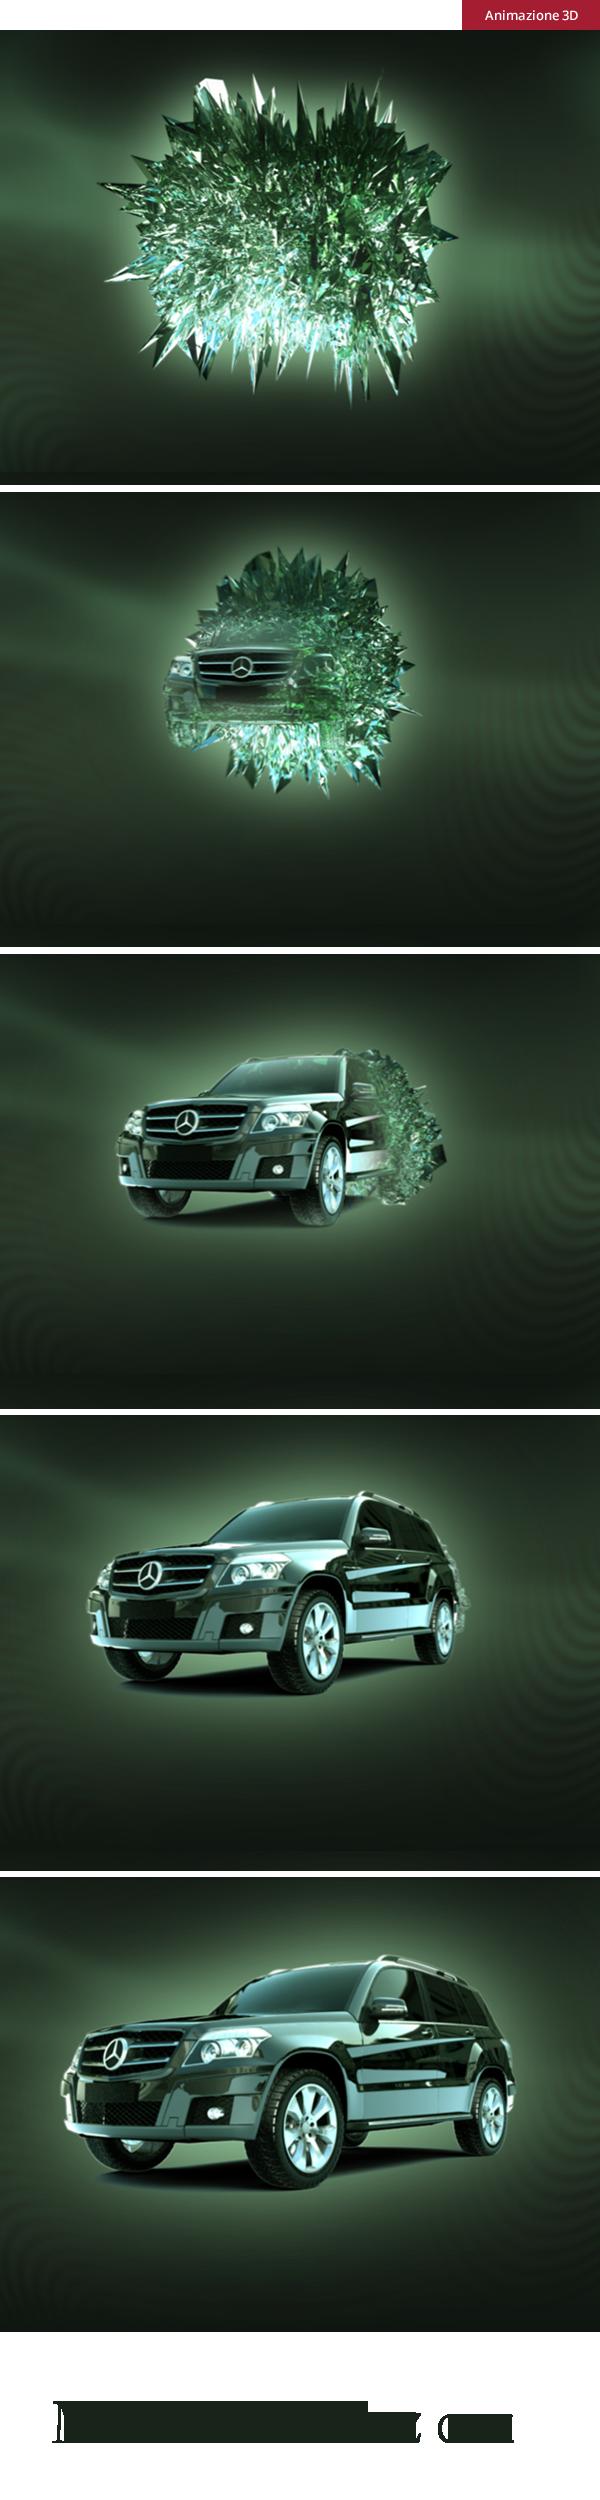 Mercedes - animazione